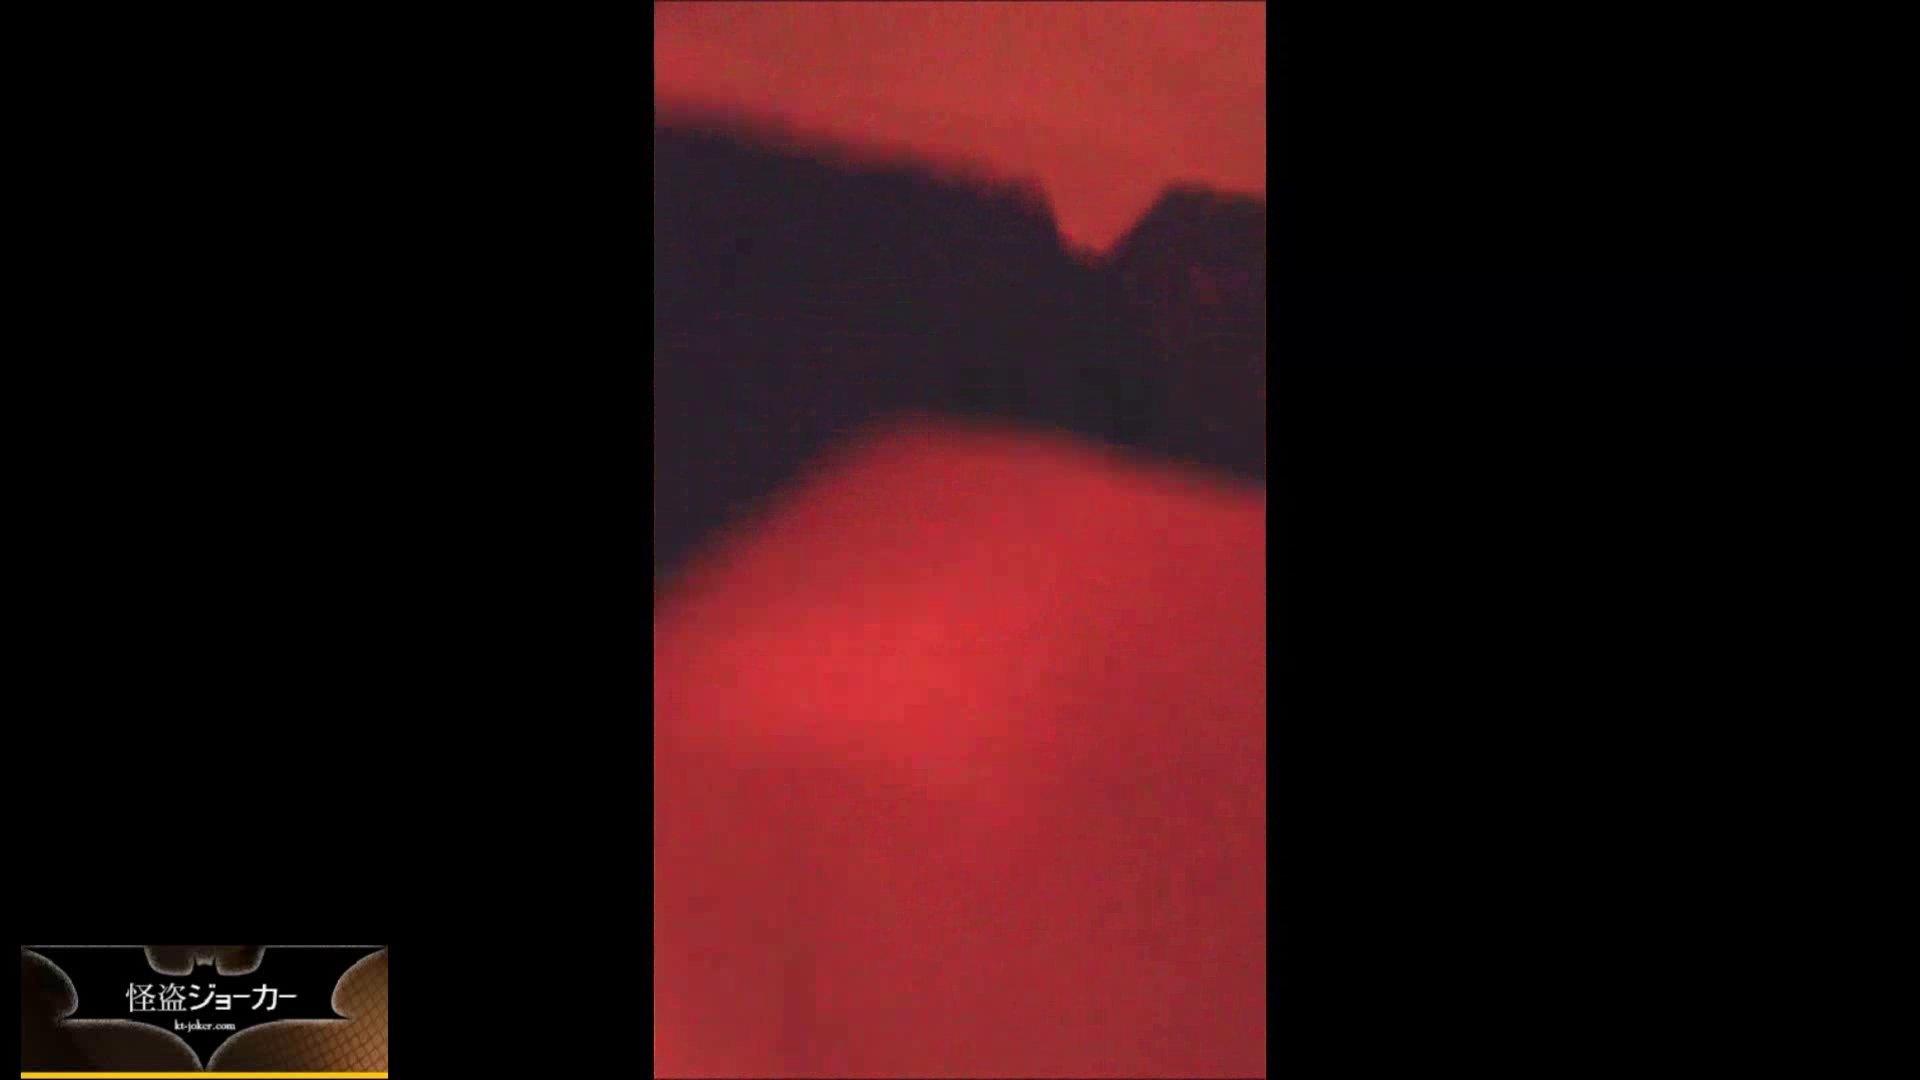 若葉のころ vol.02 いじくり 濡れ場動画紹介 70画像 43